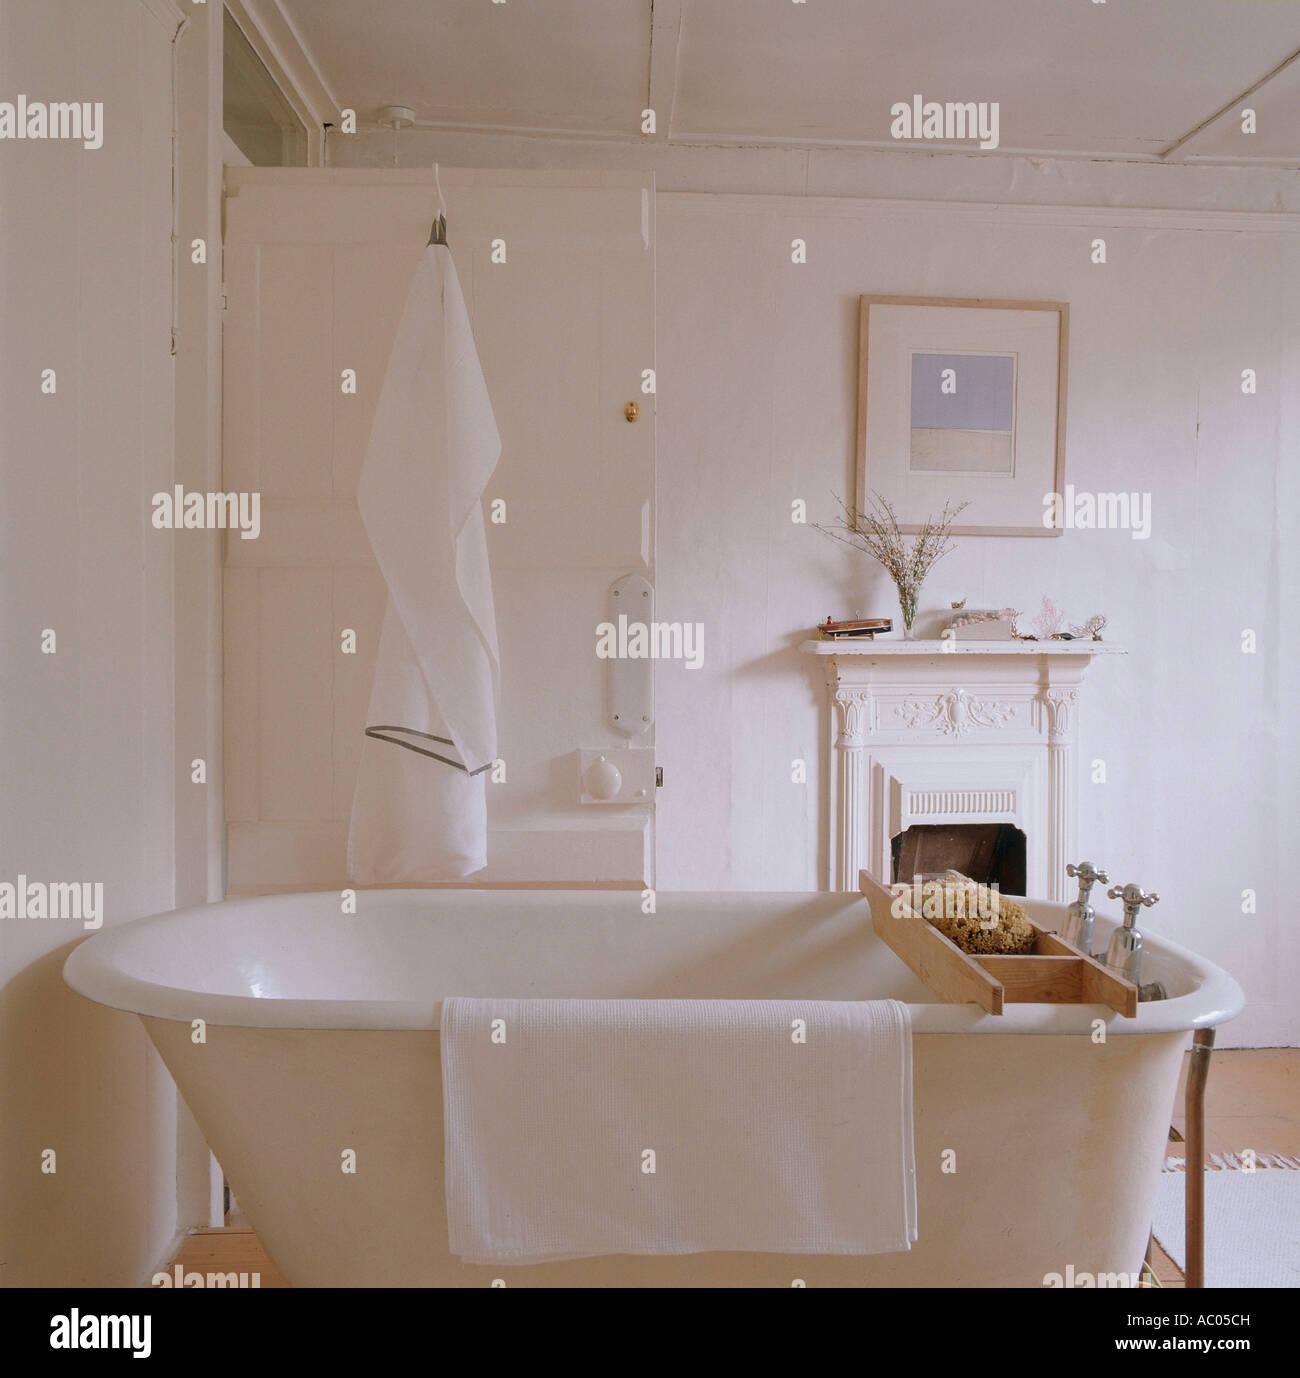 Freistehende Badewanne Im Badezimmer Von Restaurierten 18. Jahrhundert  Stadthaus